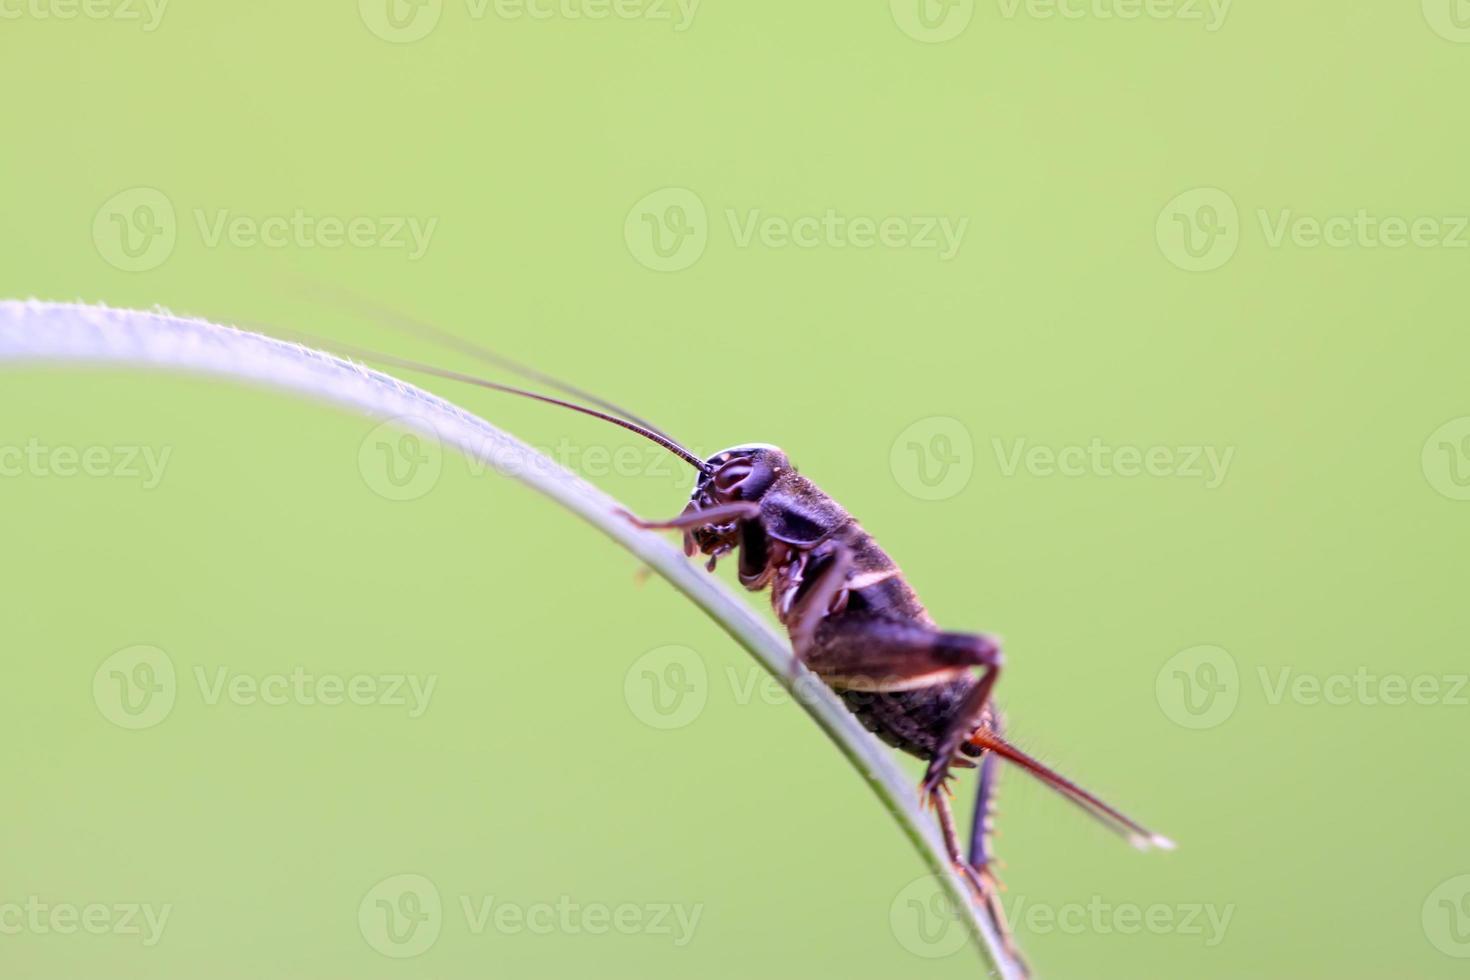 cricket nimfen foto